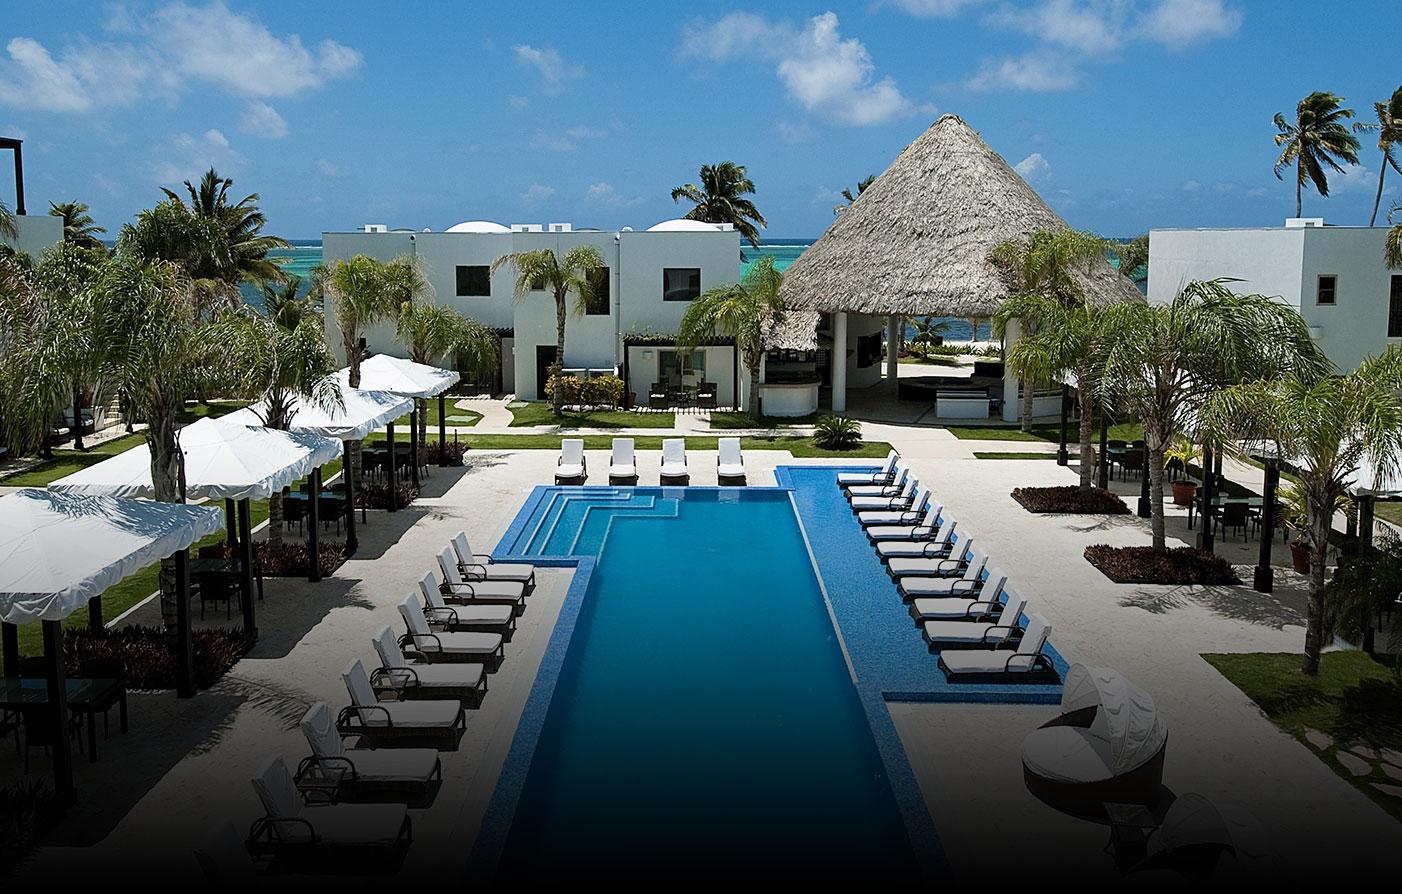 「墨西哥 華麗的無邊泳池在希爾頓洛斯卡沃斯海灘高爾夫度假村,」的圖片搜尋結果